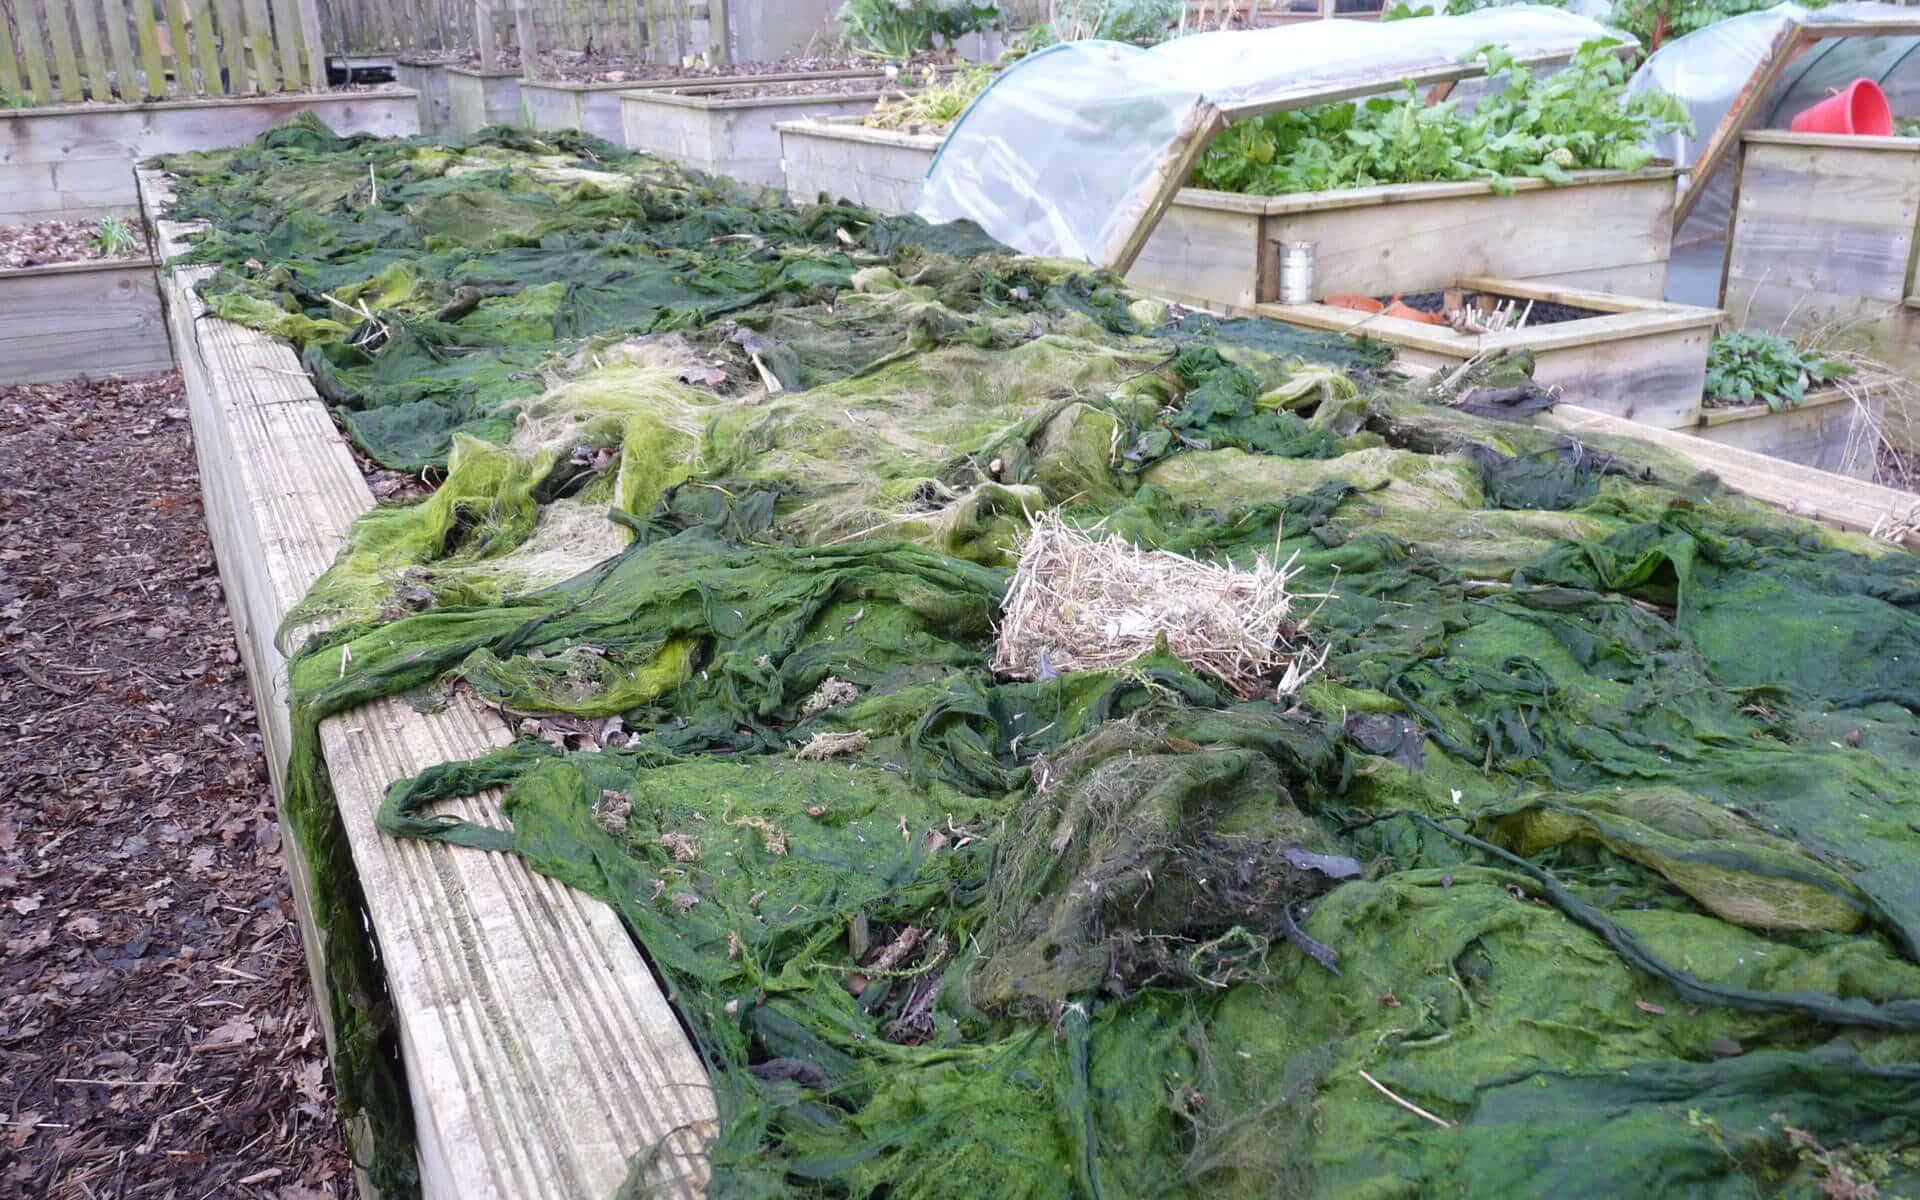 Après le nettoyage de la mare, vous pouvez utiliser les algues pour pailler vos planches de cultures.